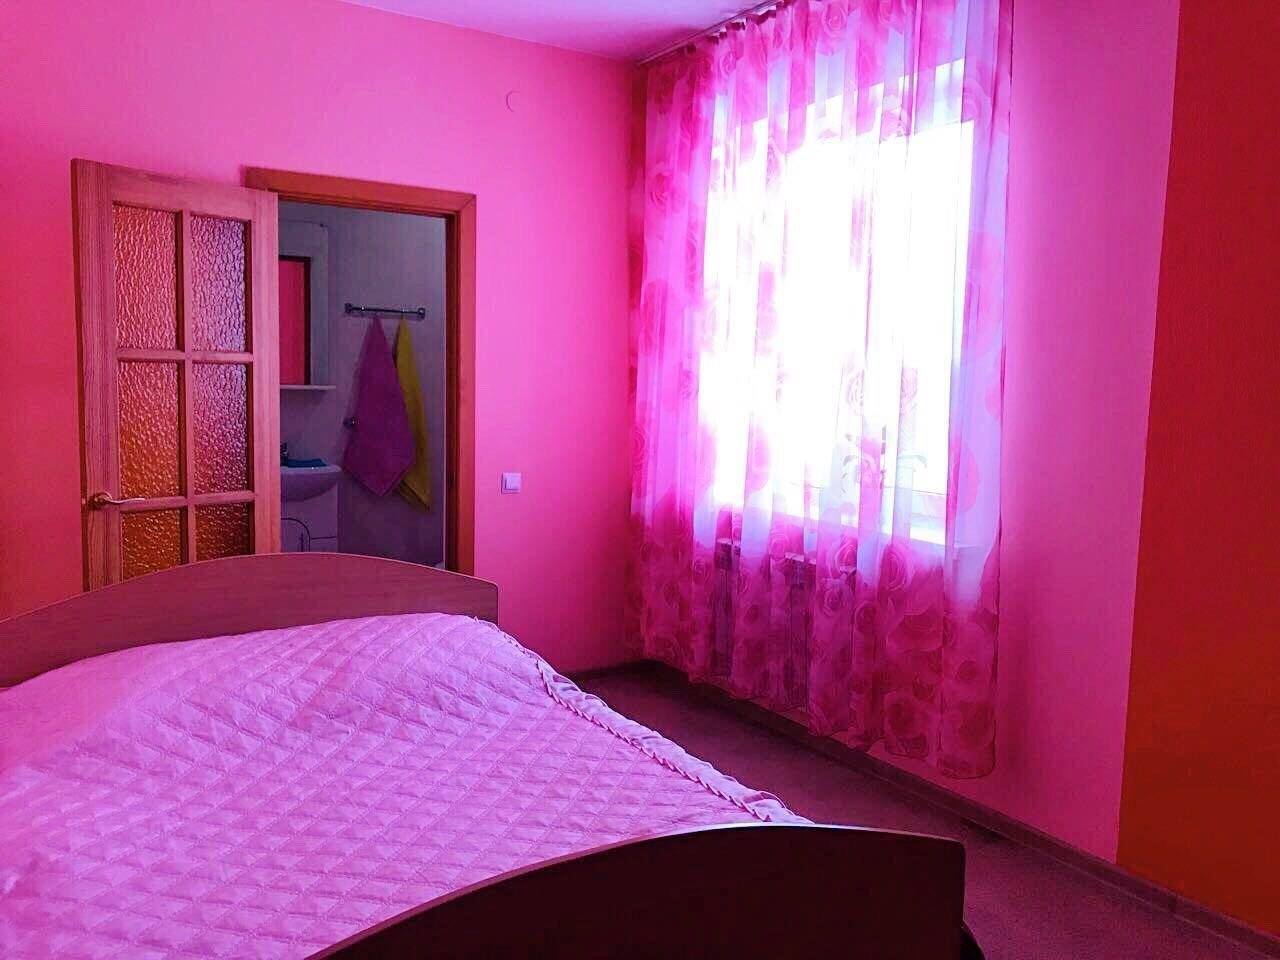 Золотой Стандарт, гостиничный комплекс - №34